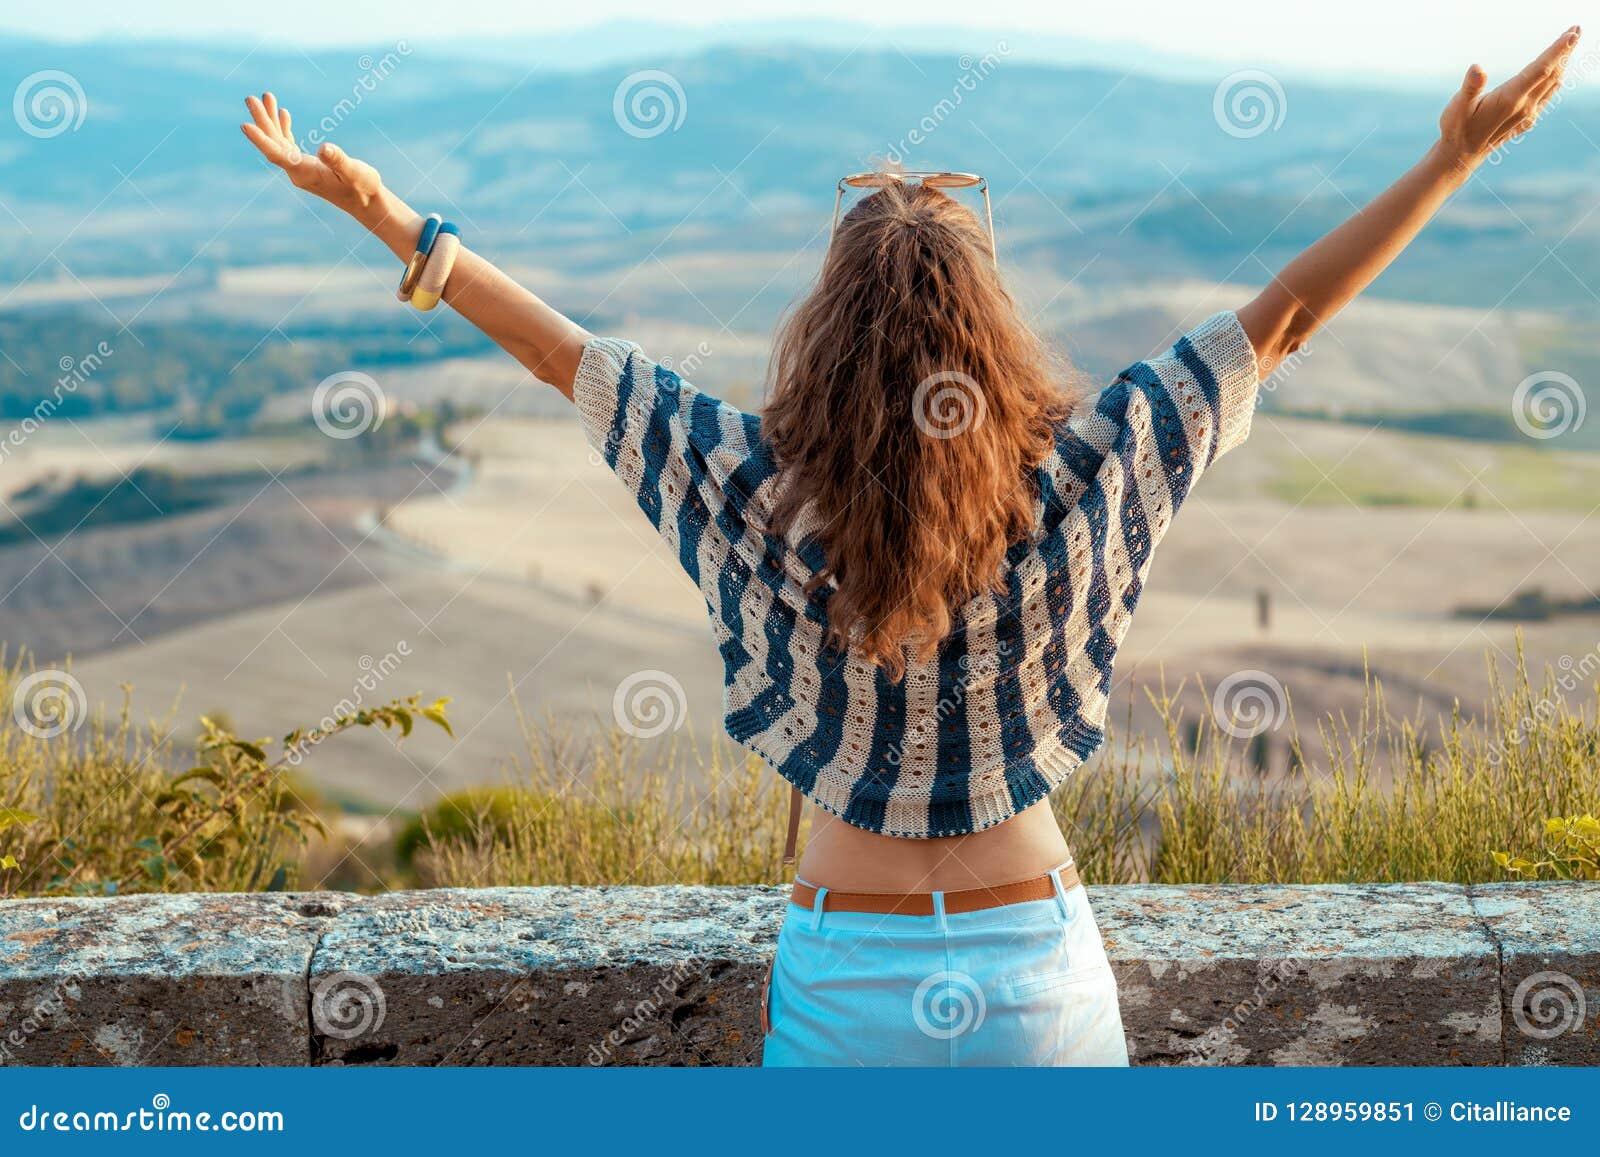 Júbilo moderno de la mujer del viajero contra el paisaje de Toscana